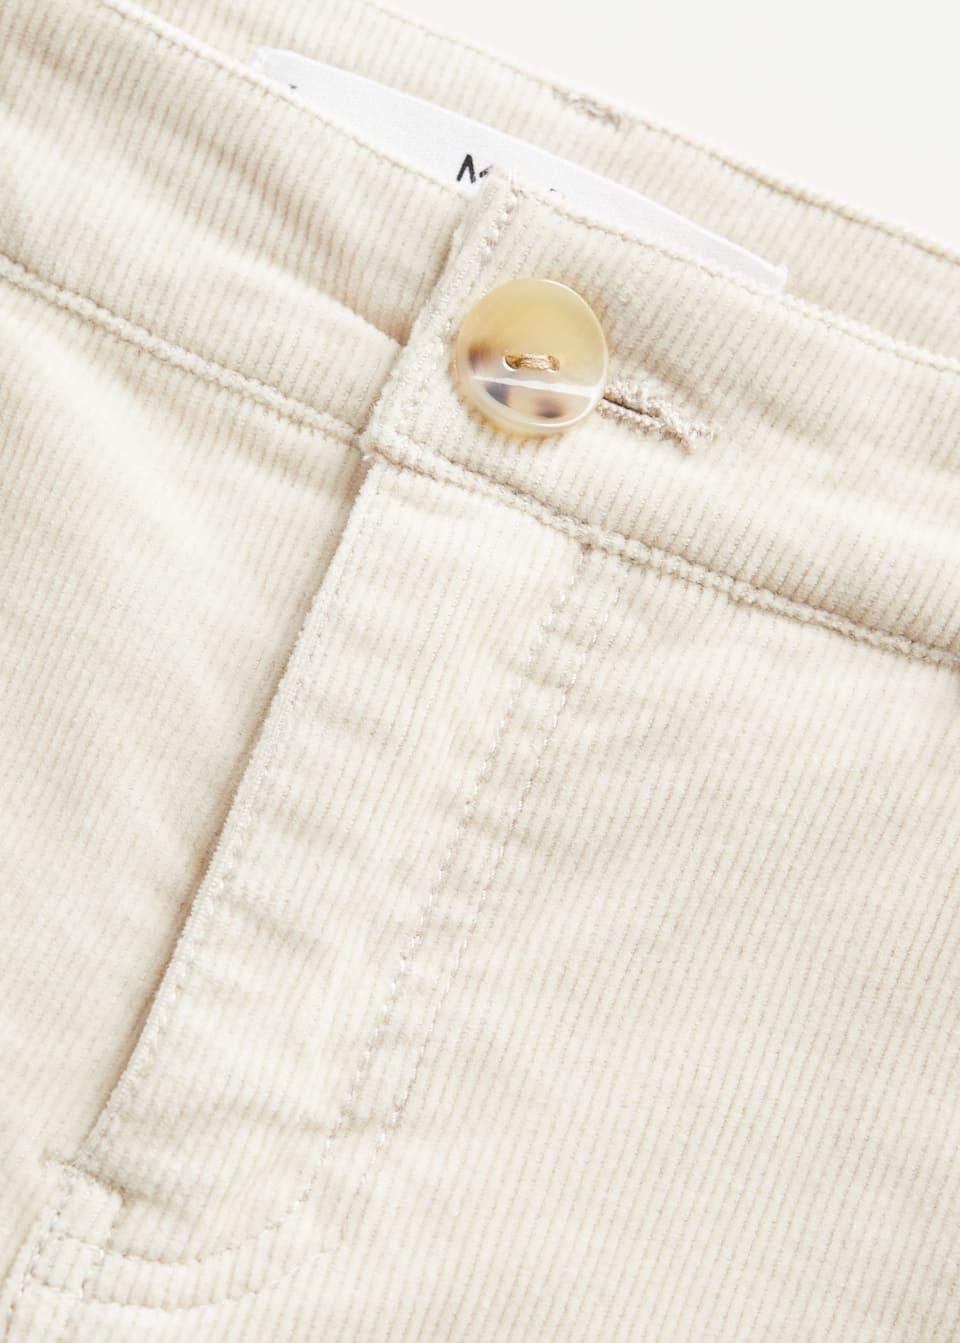 Pantalon Recto Pana Mujer Mango Espana